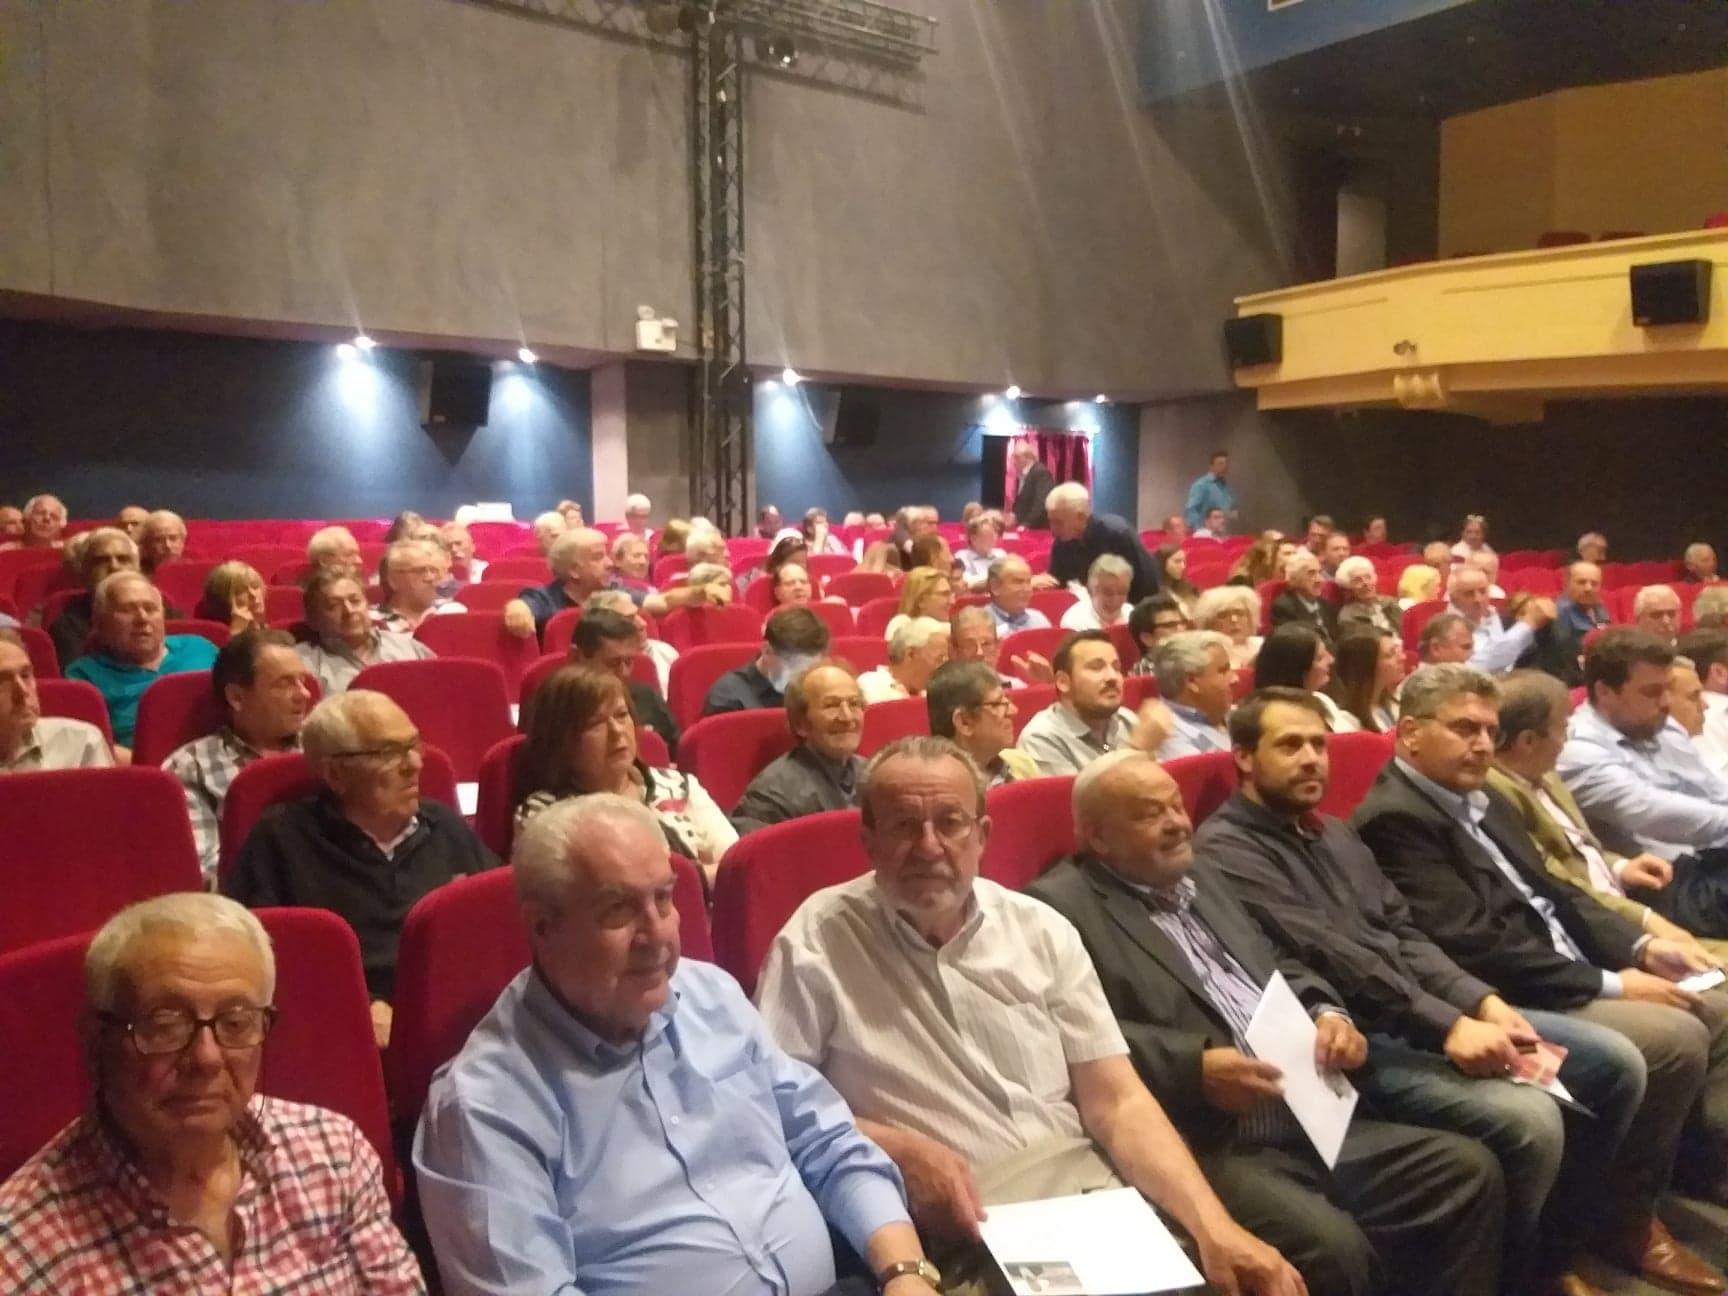 Ν. Ανδρουλάκης:  Με διψήφιο  ποσοστό το ΚΙΝΑΛ στην ευρωκάλπη